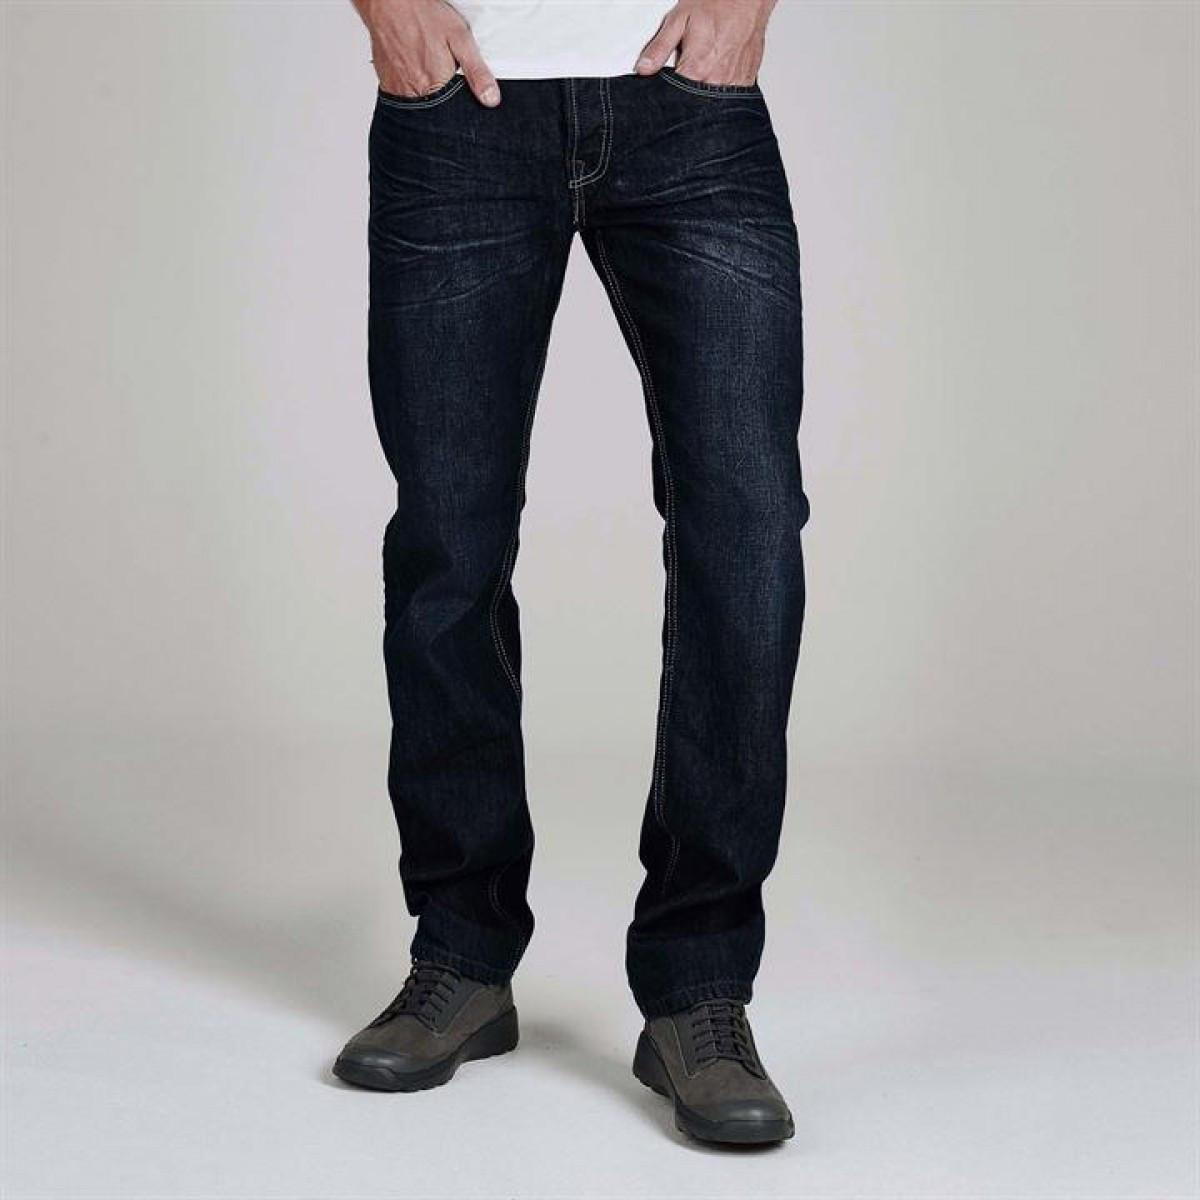 4e6b7edab5a Джинсы Firetrap Leather Belt Reg Dark Wash - Оригинал - FAIR - оригинальная  одежда и обувь